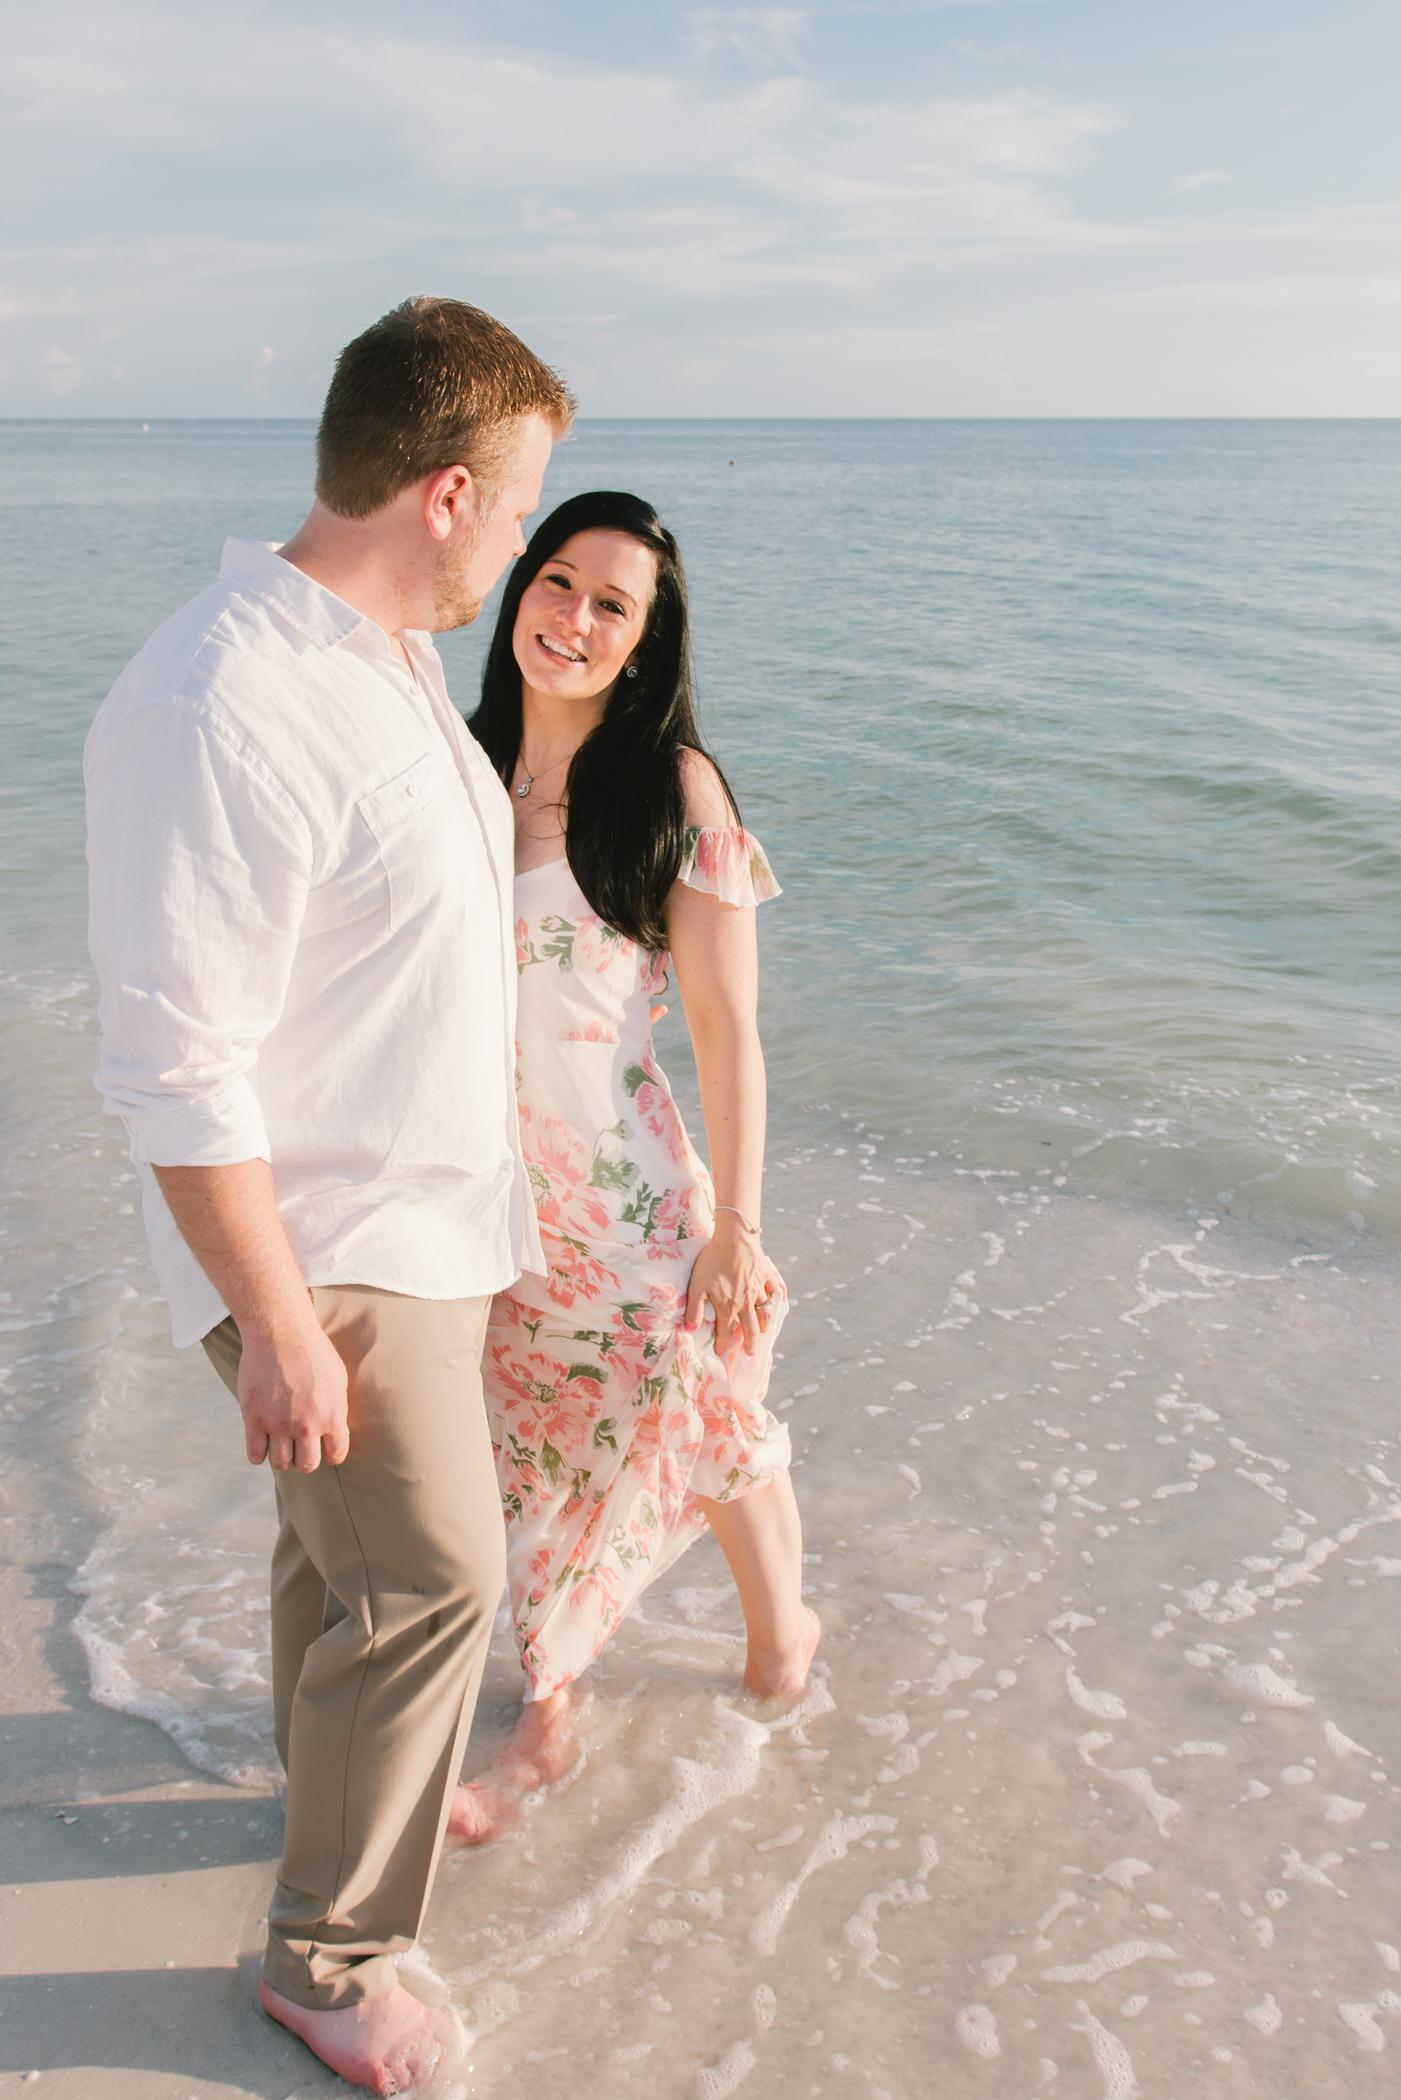 sunset-engagement-photoshoot-florida, tampa-wedding-photographer